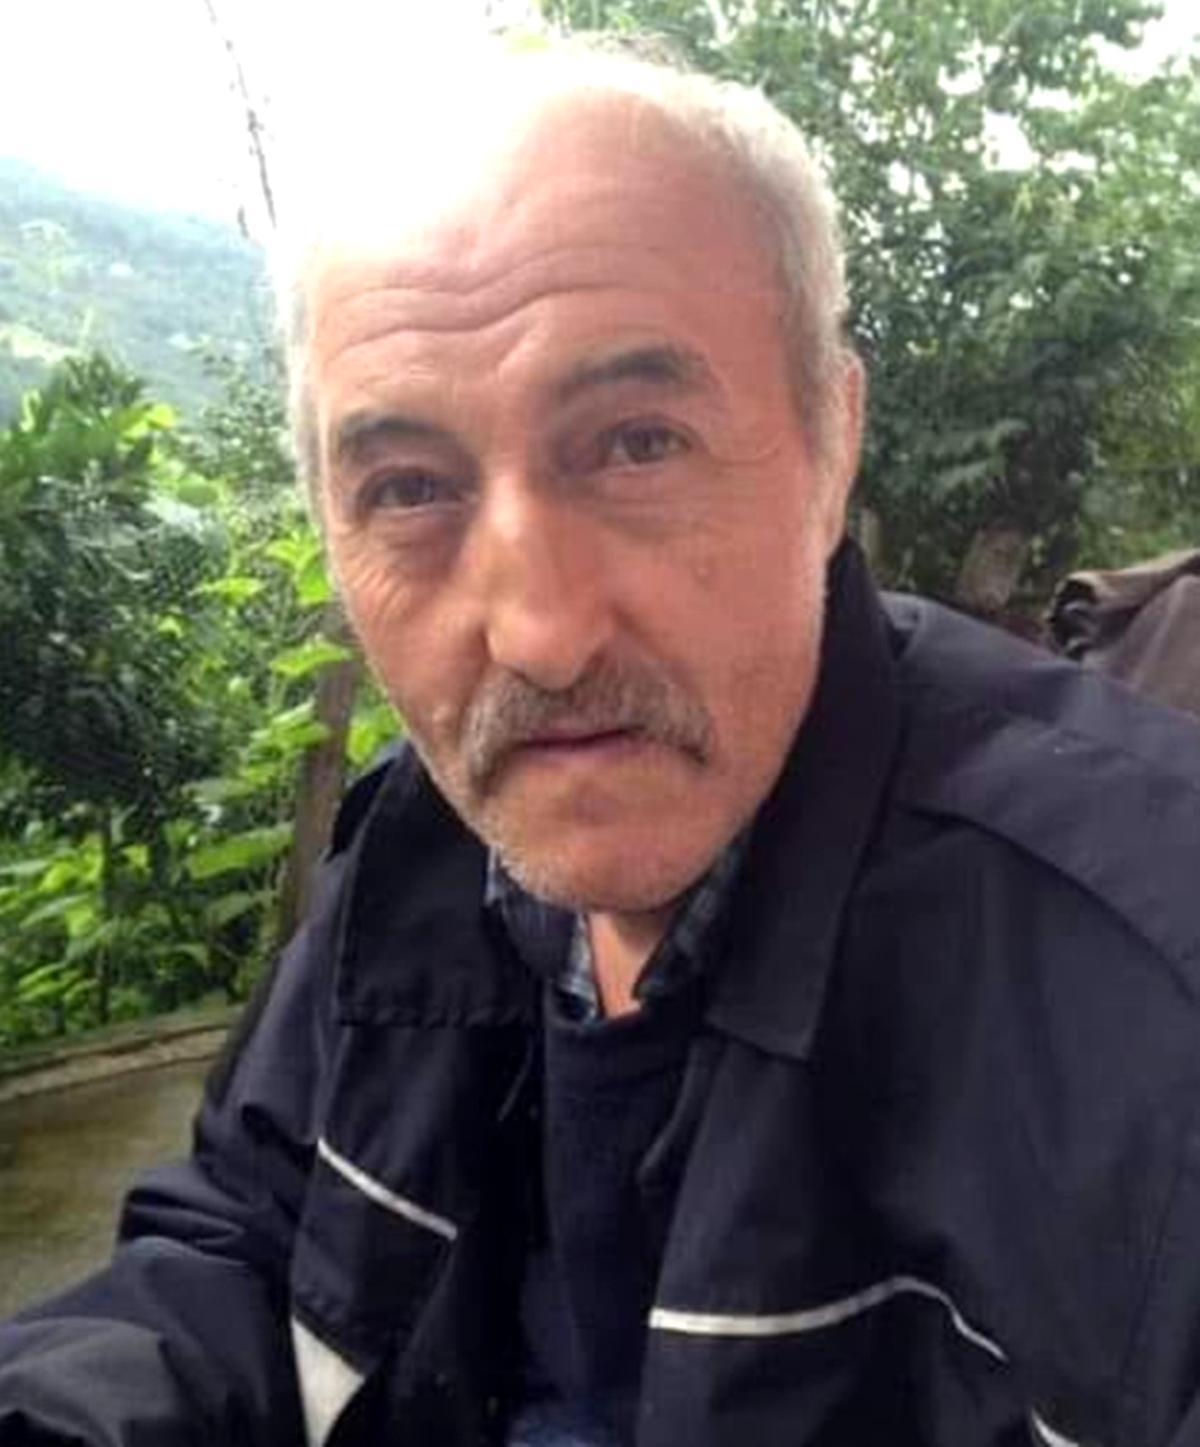 Trabzon da yamaçtan dereye düşen şahıs hayatını kaybetti